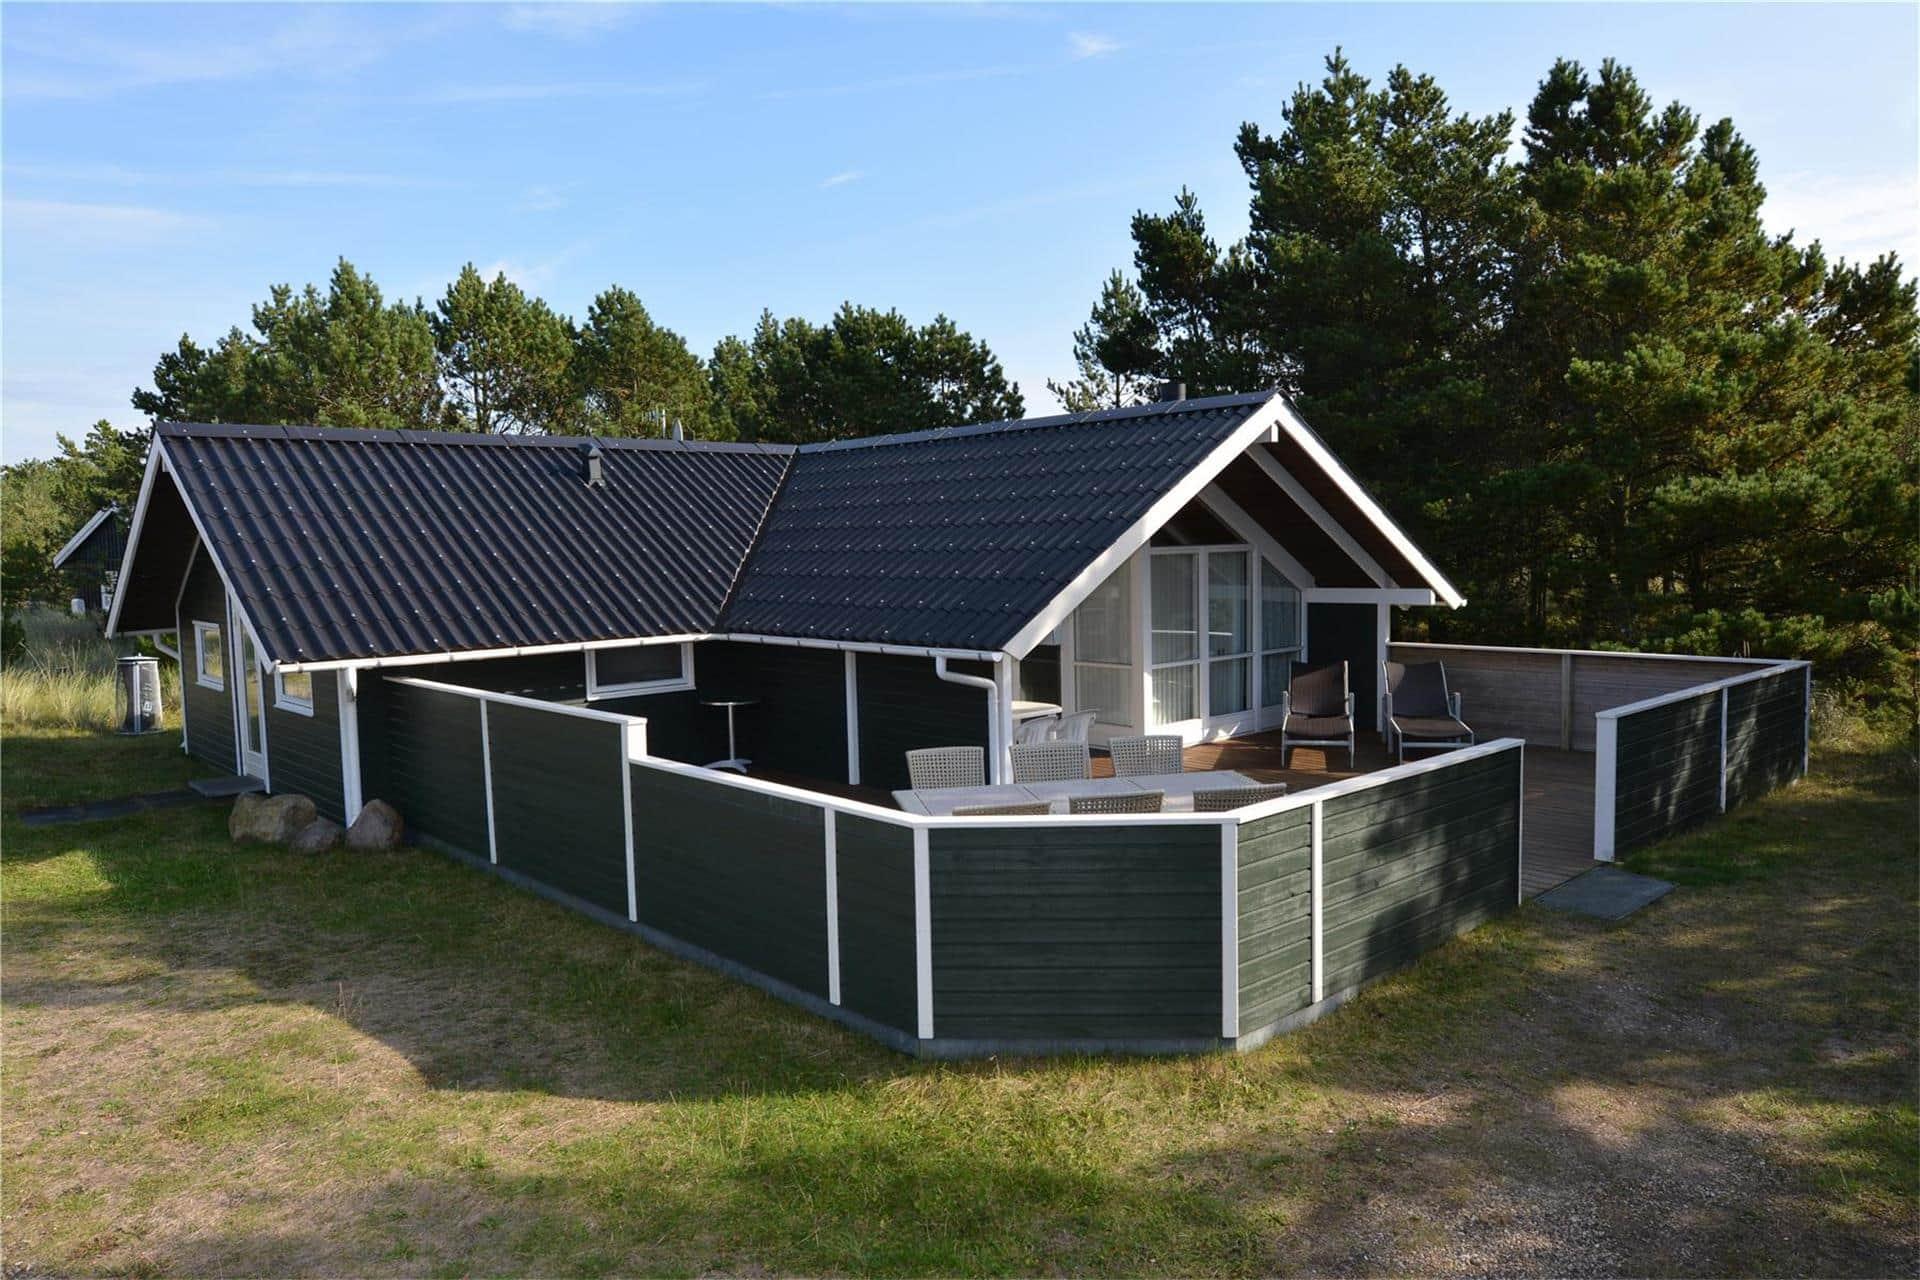 Image 1-13 Holiday-home 198, Klitrosevej 38, DK - 7700 Thisted